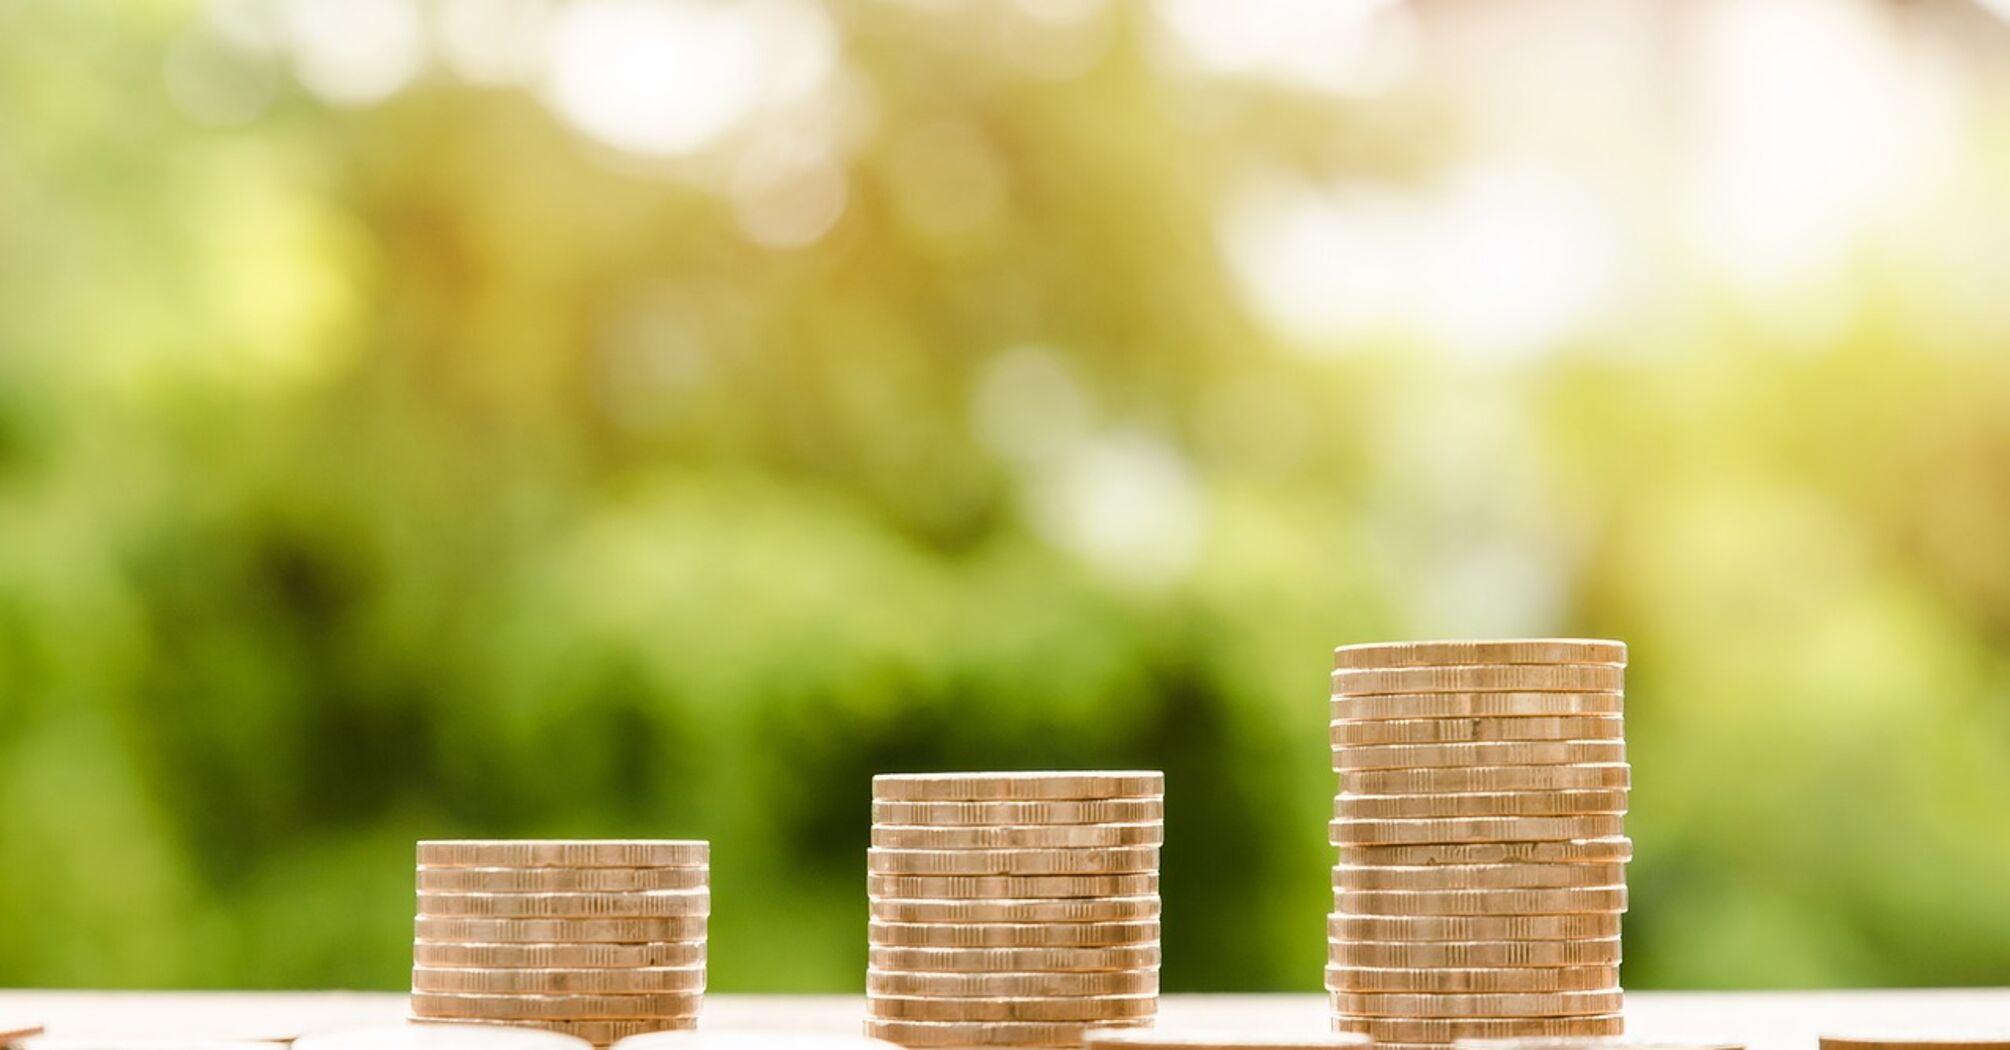 Новые зарплаты, пенсии и рост цен: чего ждать украинцам от бюджета-2021